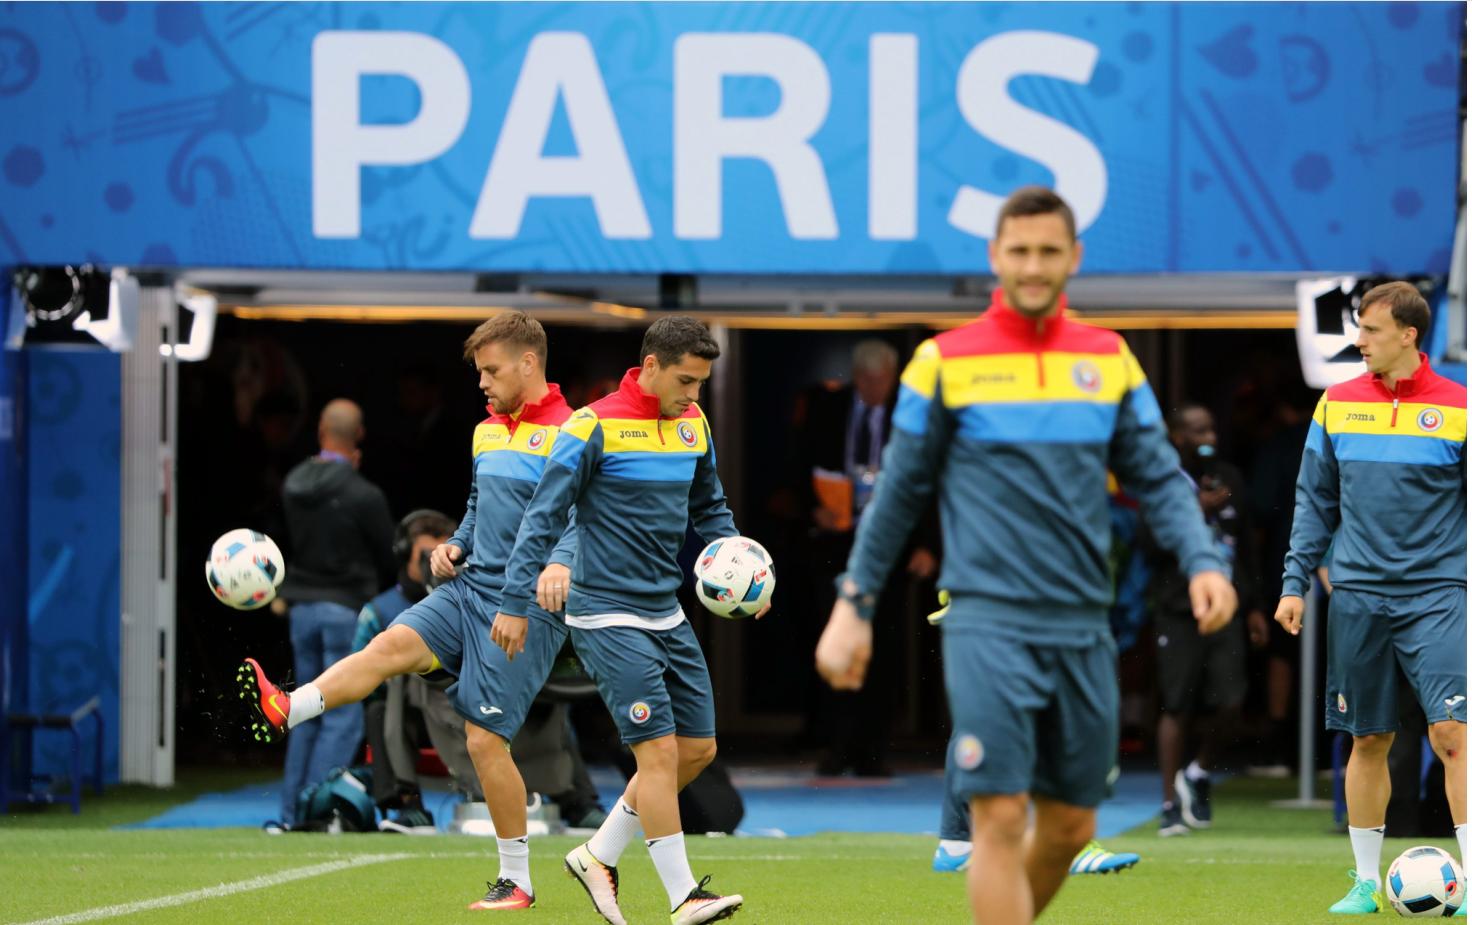 Romania vrea sa dea toate pronosticurile peste cap. Cum ar putea deveni marea surpriza la UEFA EURO 2016